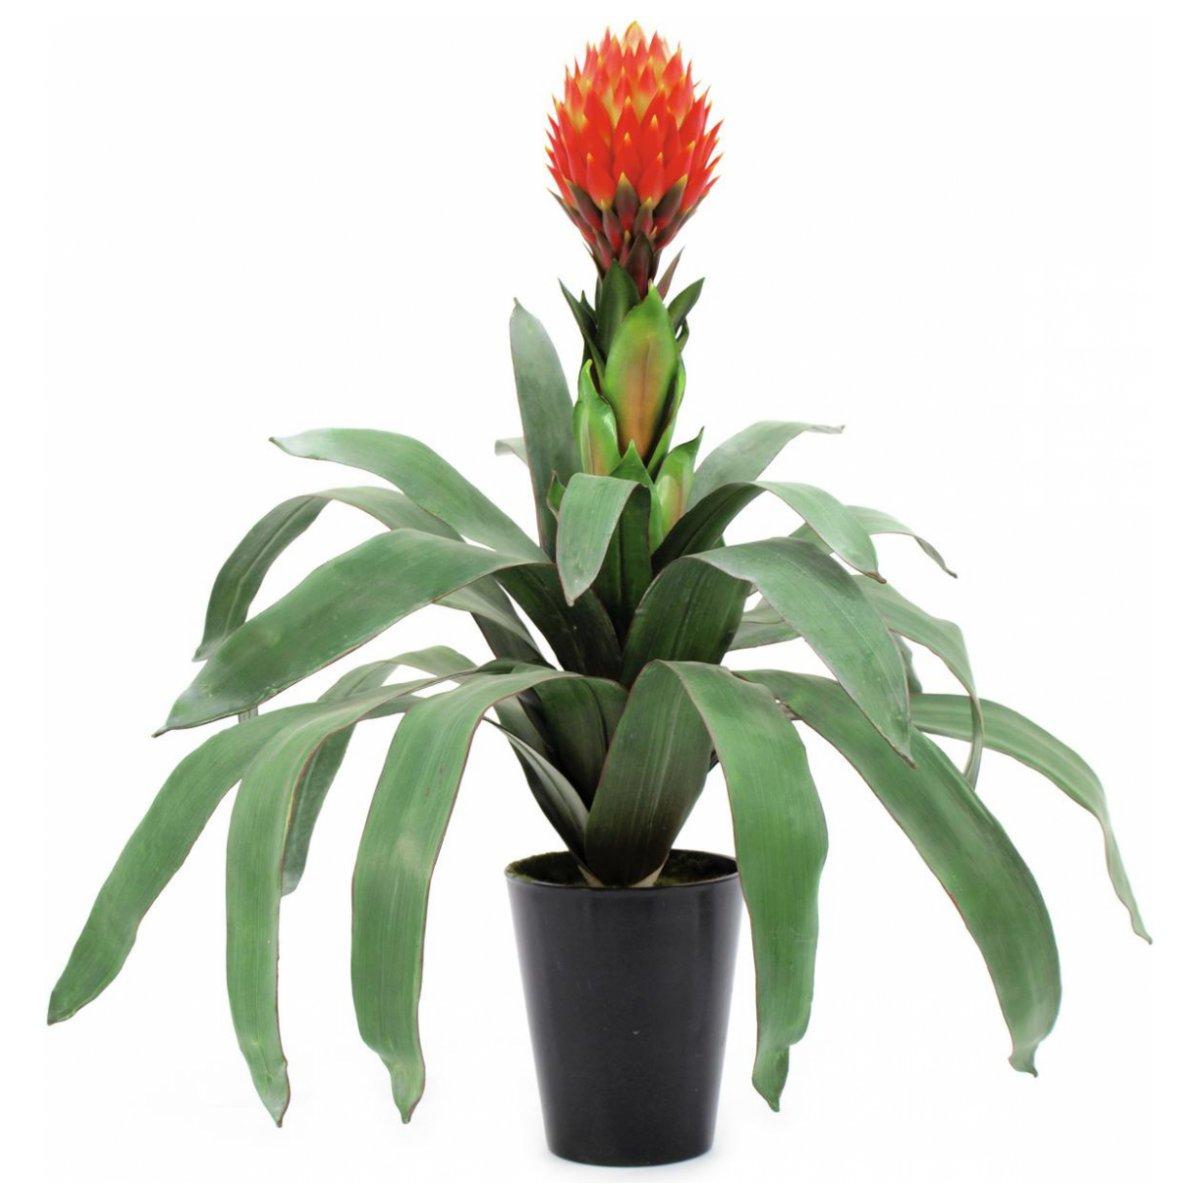 Bromelia Pineapple 68 cm wynajem mebli Magnetic Group Wypozyczalnia Mebli Trojmiasto Gdynia Gdansk Torun Bydgoszcz Ostroda Olsztyn Plock